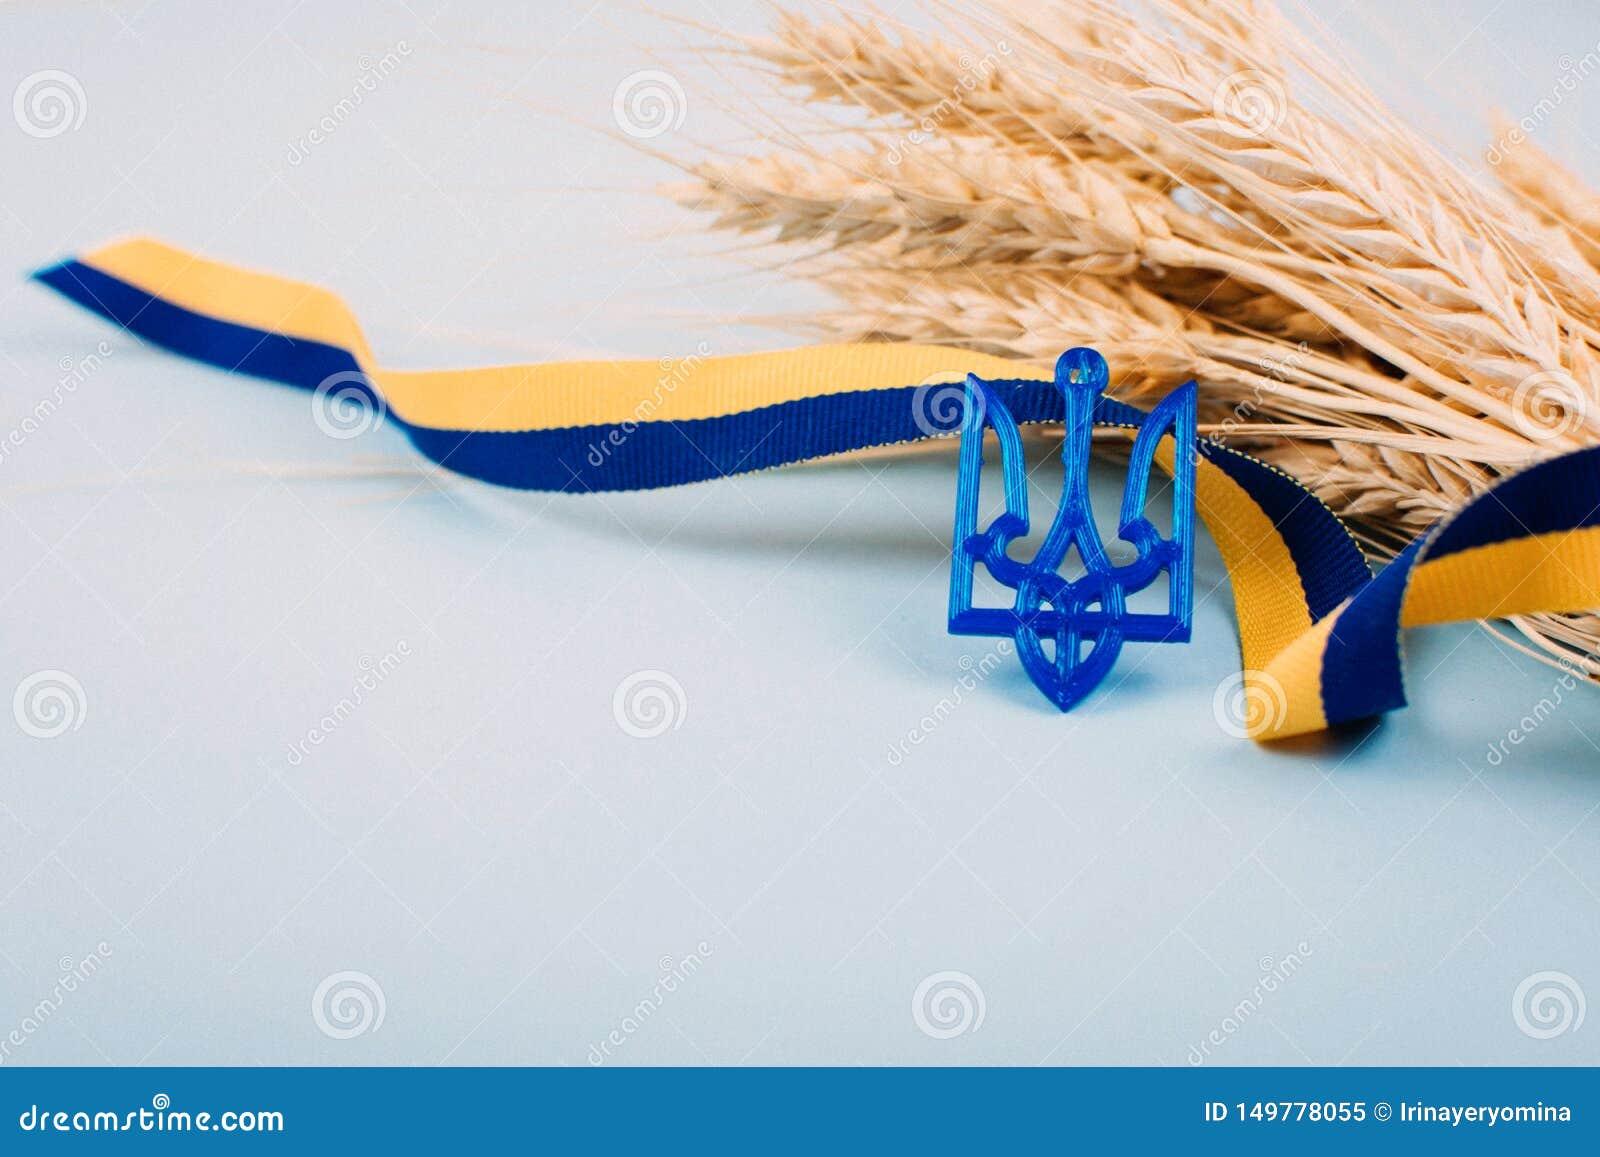 Fundo ucraniano com a fita de símbolos nacionais, de tridente da brasão, amarela e azul, spikelets dourados do trigo no azul 2019